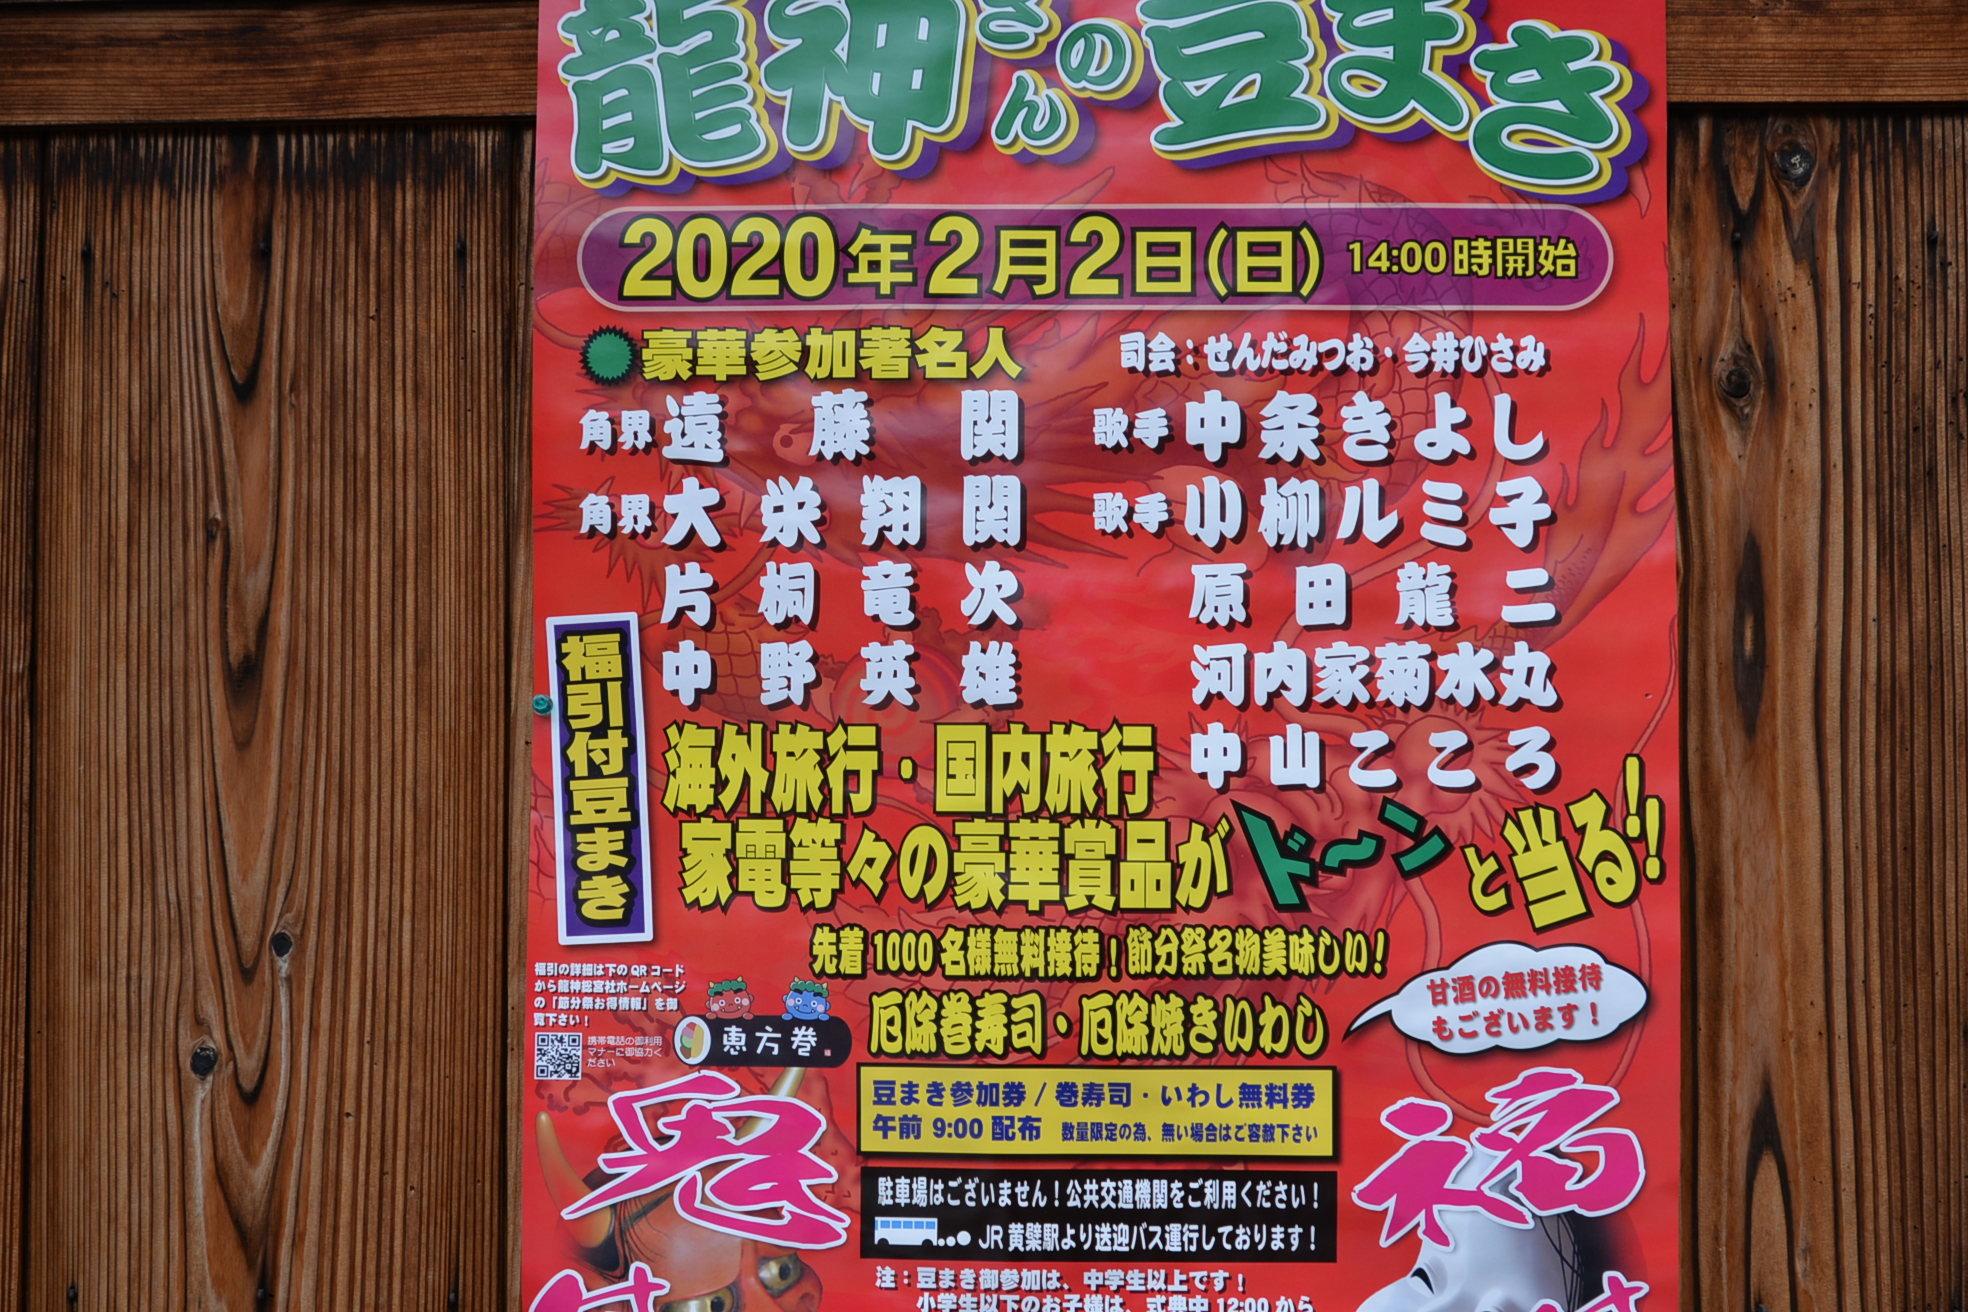 20020107.jpg